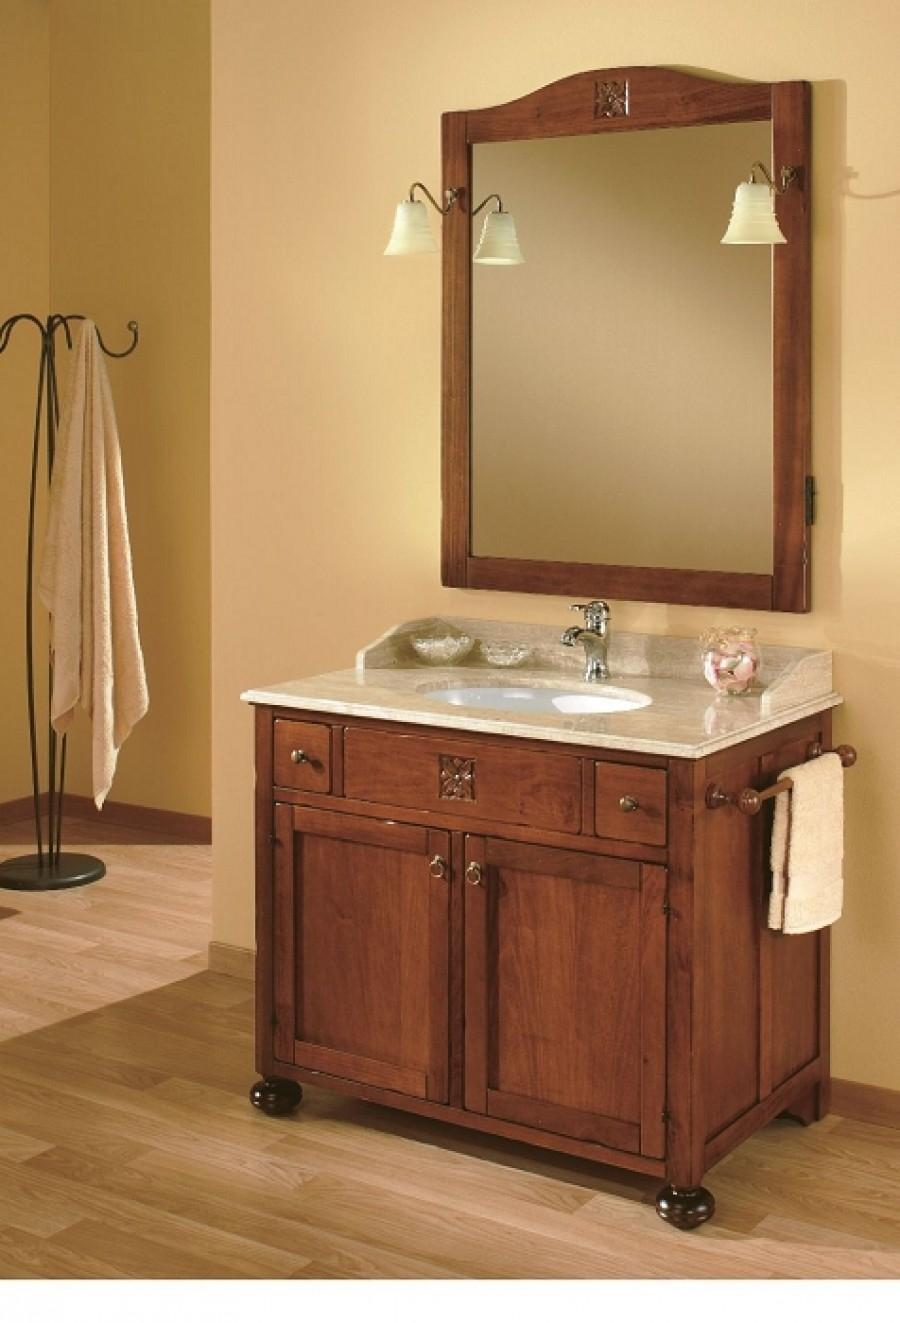 meuble de salle de bain ancien top meuble salle de bain style ancien des id es pour r nover une. Black Bedroom Furniture Sets. Home Design Ideas